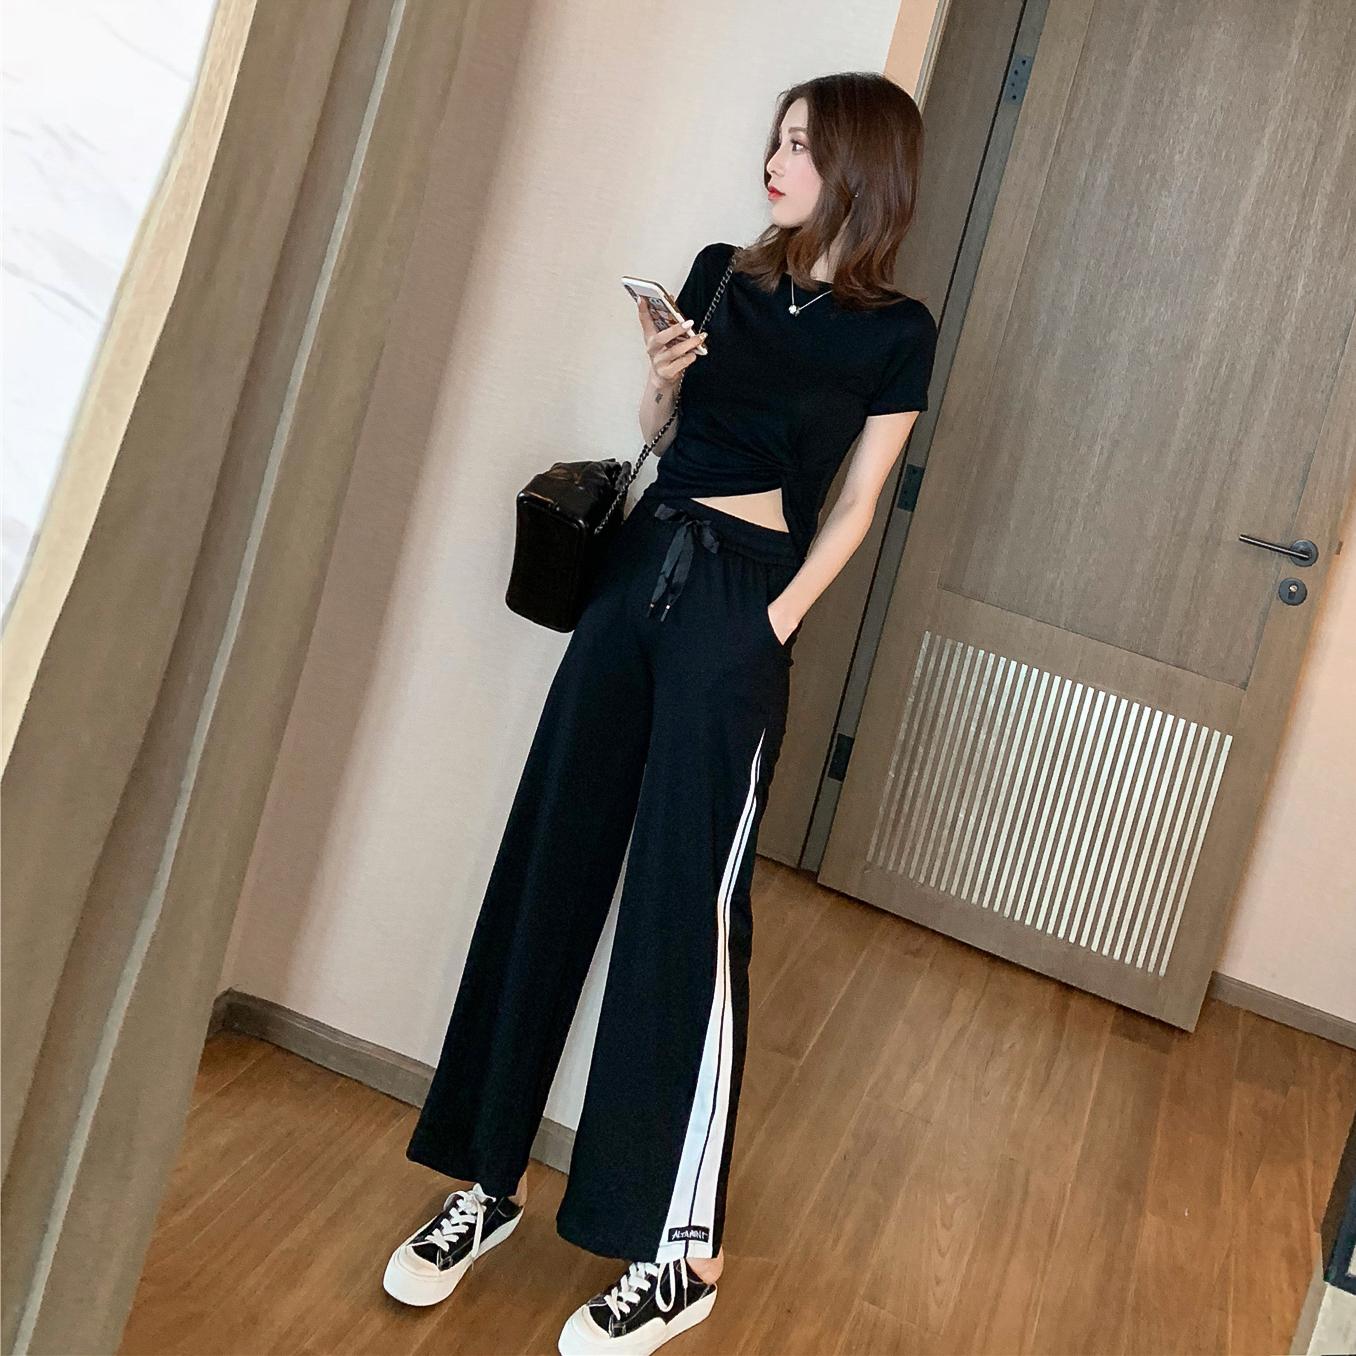 2019夏季新款高腰条纹坠感套装女休闲宽松直筒阔腿裤两件套T恤